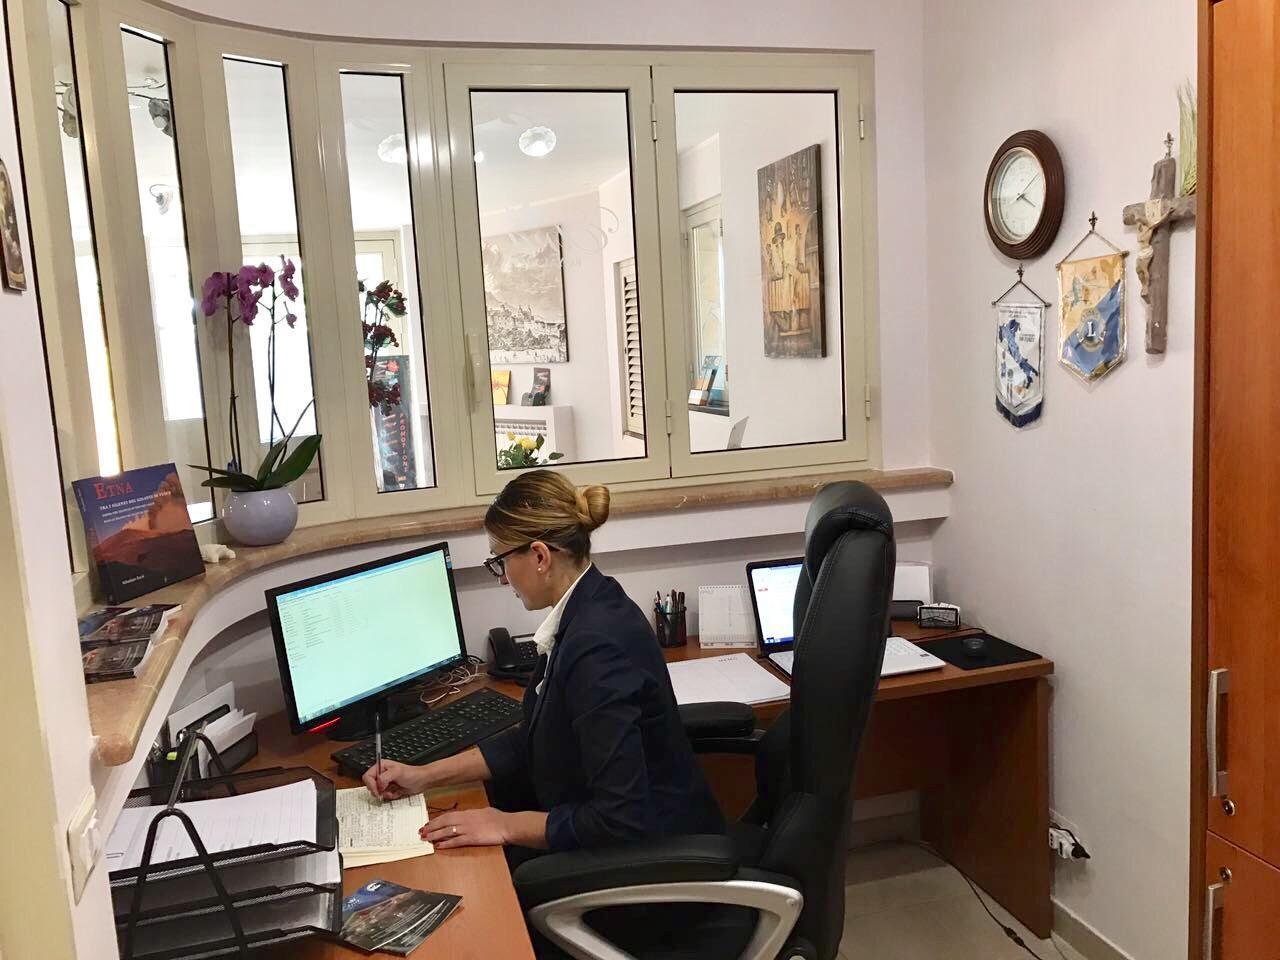 Appartement de vacances Etna Royal View -  Zwei-Zimmer-Wohnung mit Blick auf den Garten (2182582), Trecastagni, Catania, Sicile, Italie, image 8